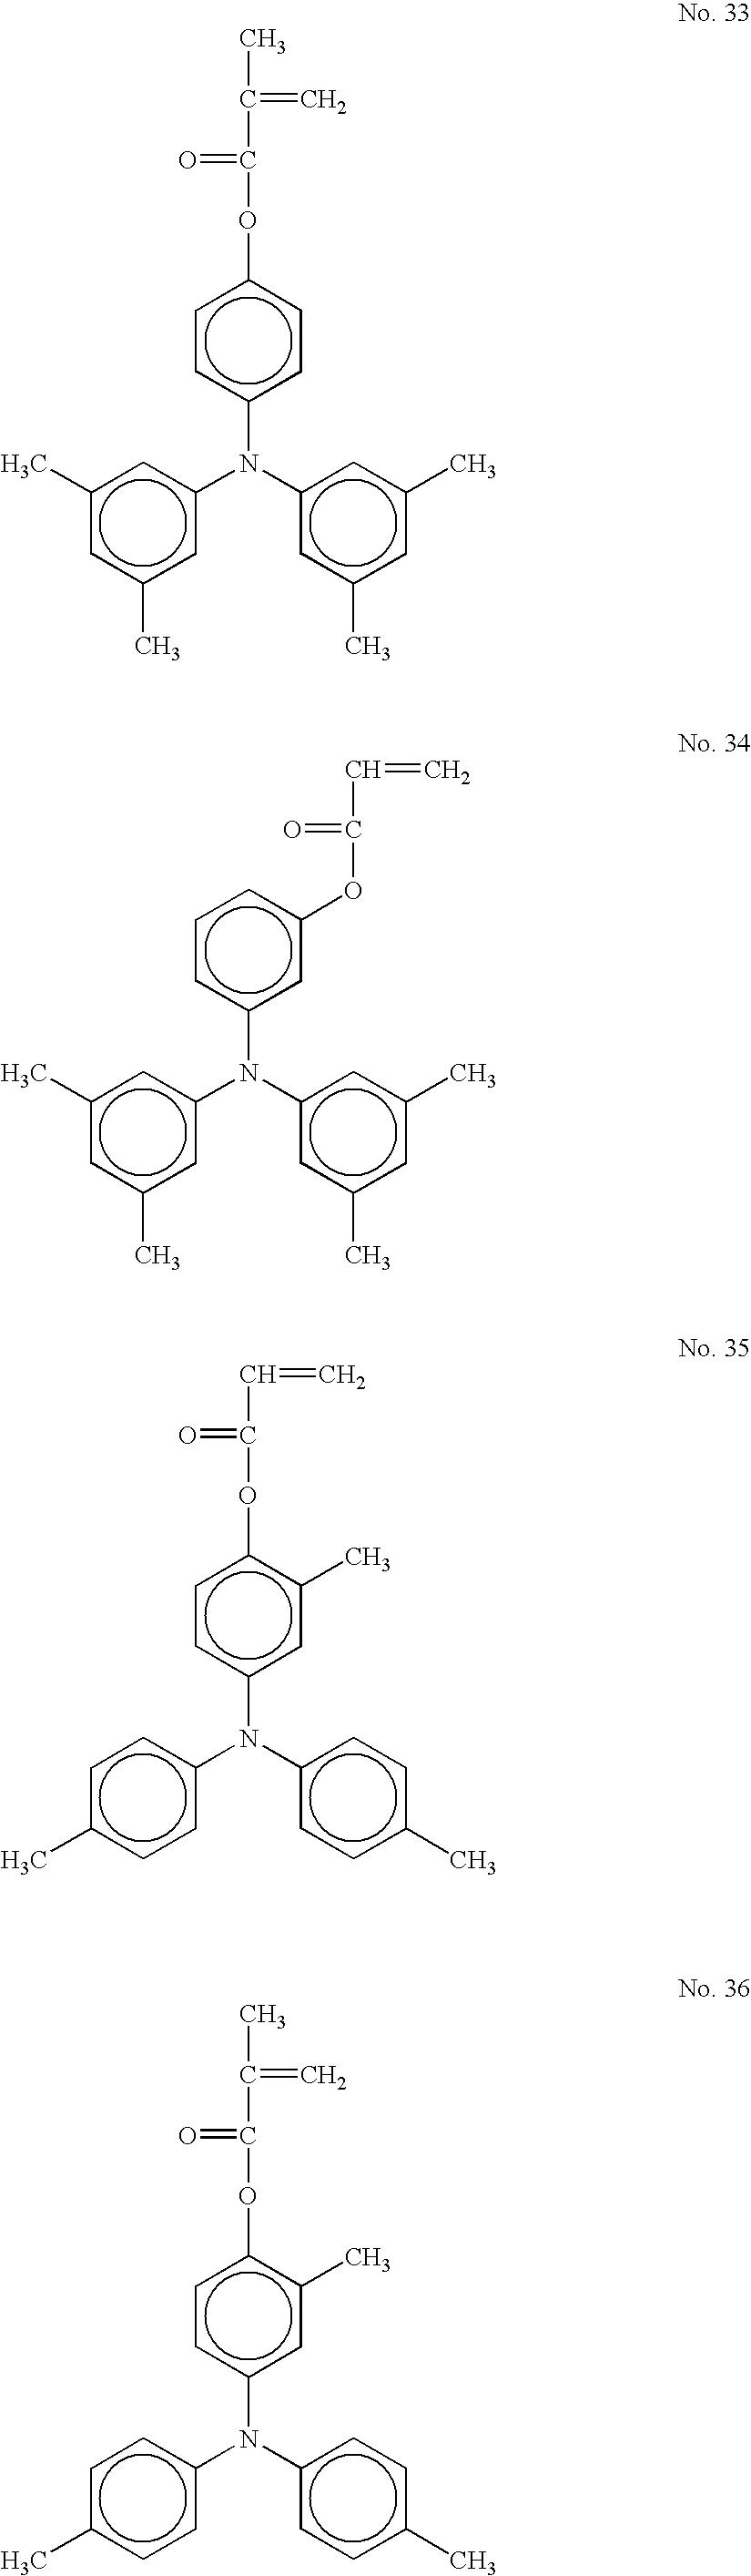 Figure US20050158641A1-20050721-C00025